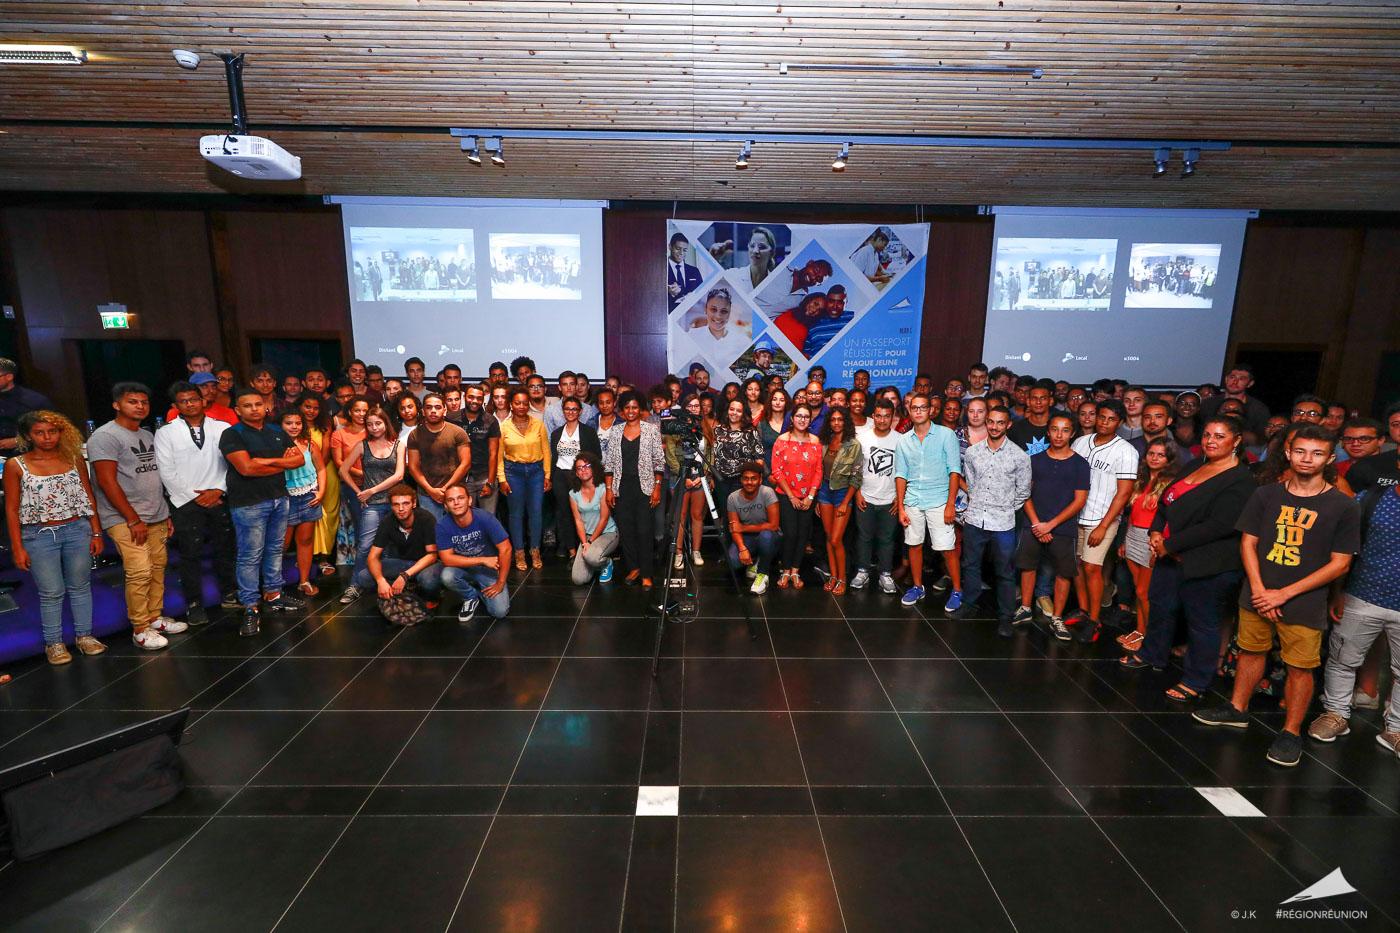 Bureau Pour Passeport Quebec : De la réunion au québec passeport réussite pour chaque jeune